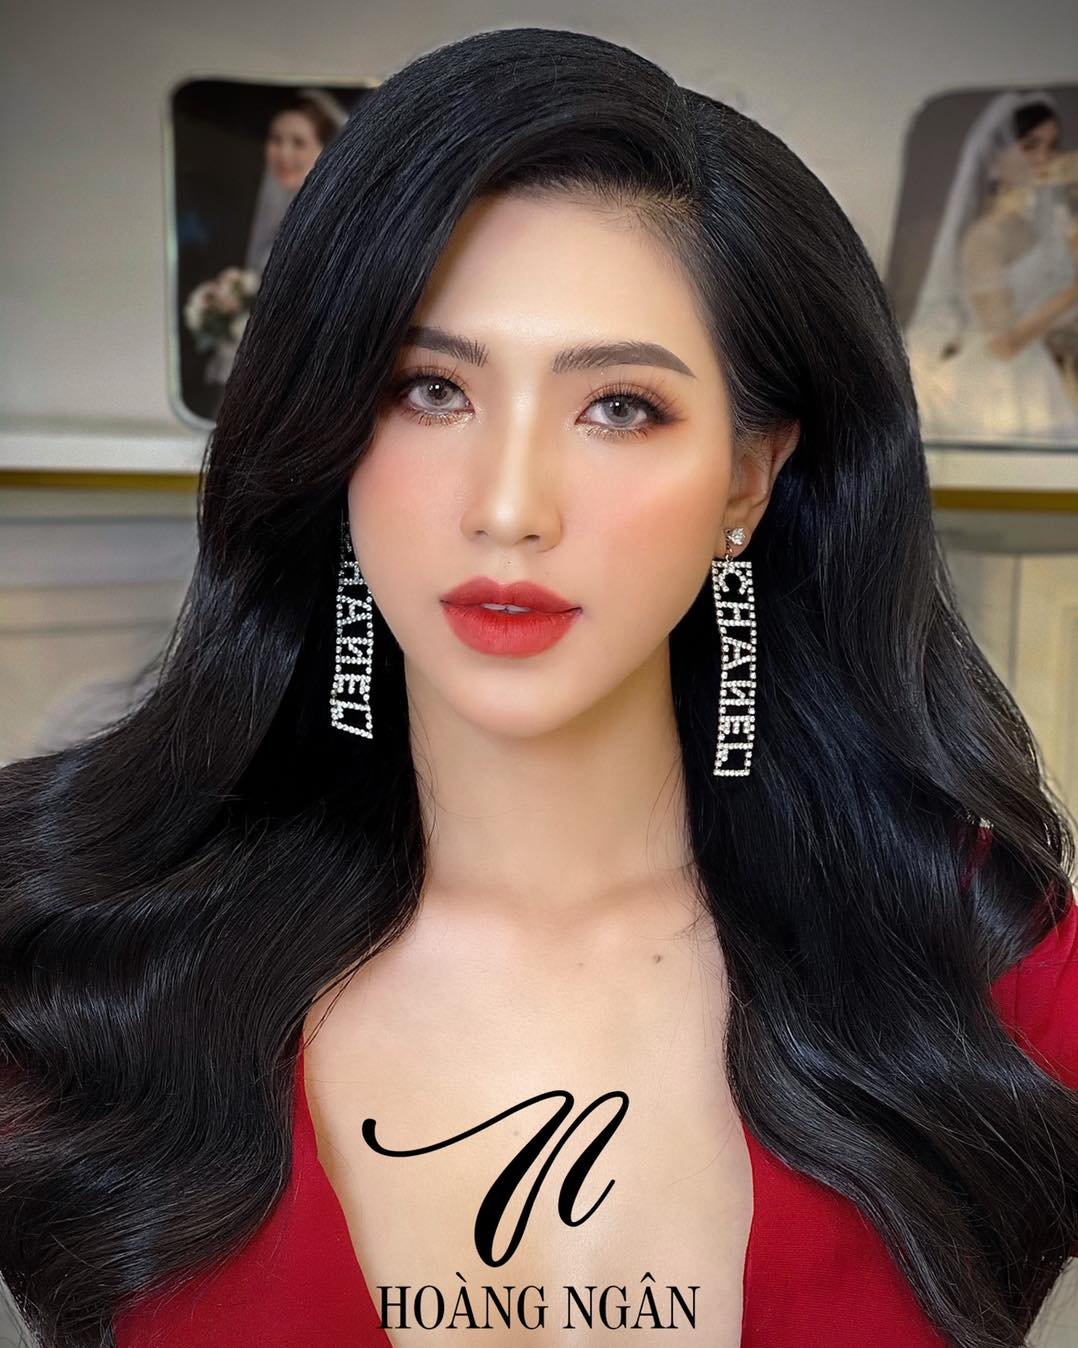 Top 7 tiệm trang điểm cô dâu đẹp nhất tại Cần Thơ -  Hoàng Ngân Make-Up Store